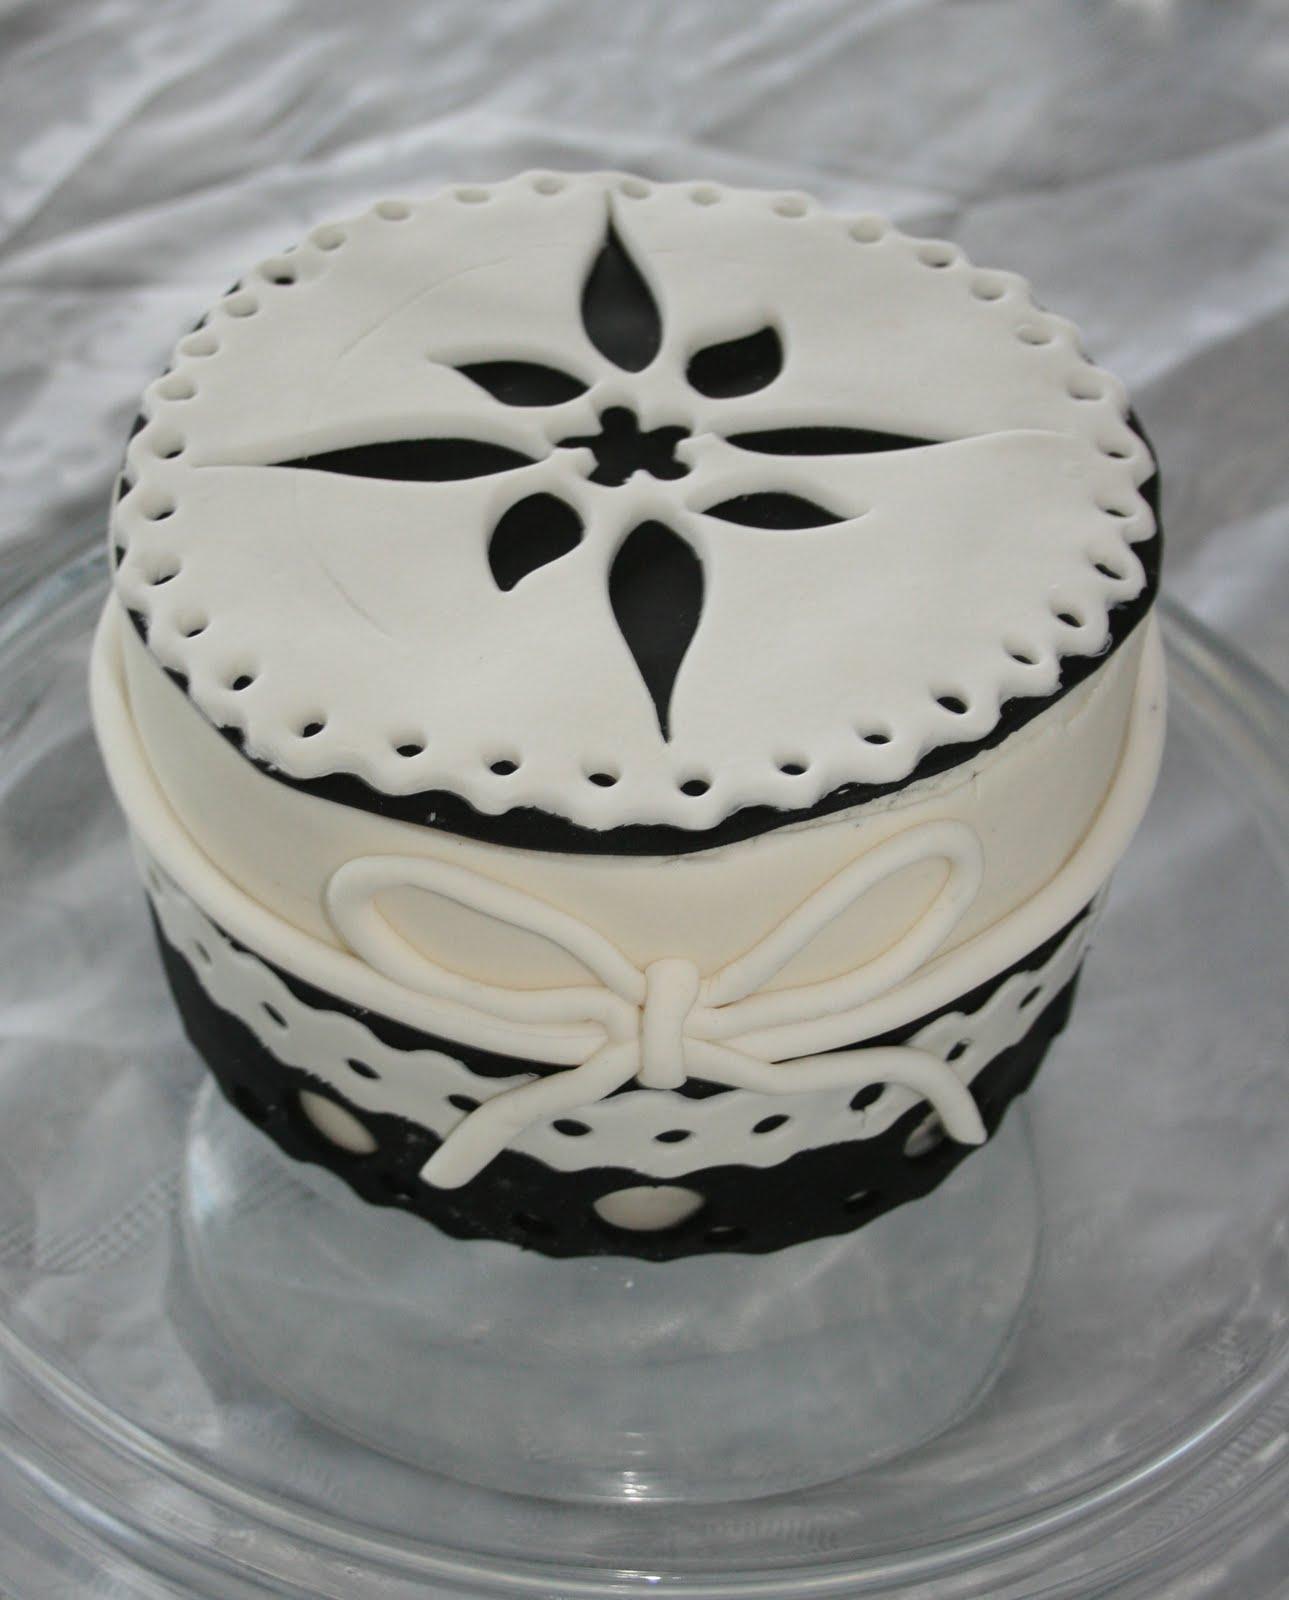 Baked By Design Black White Birthday Cake